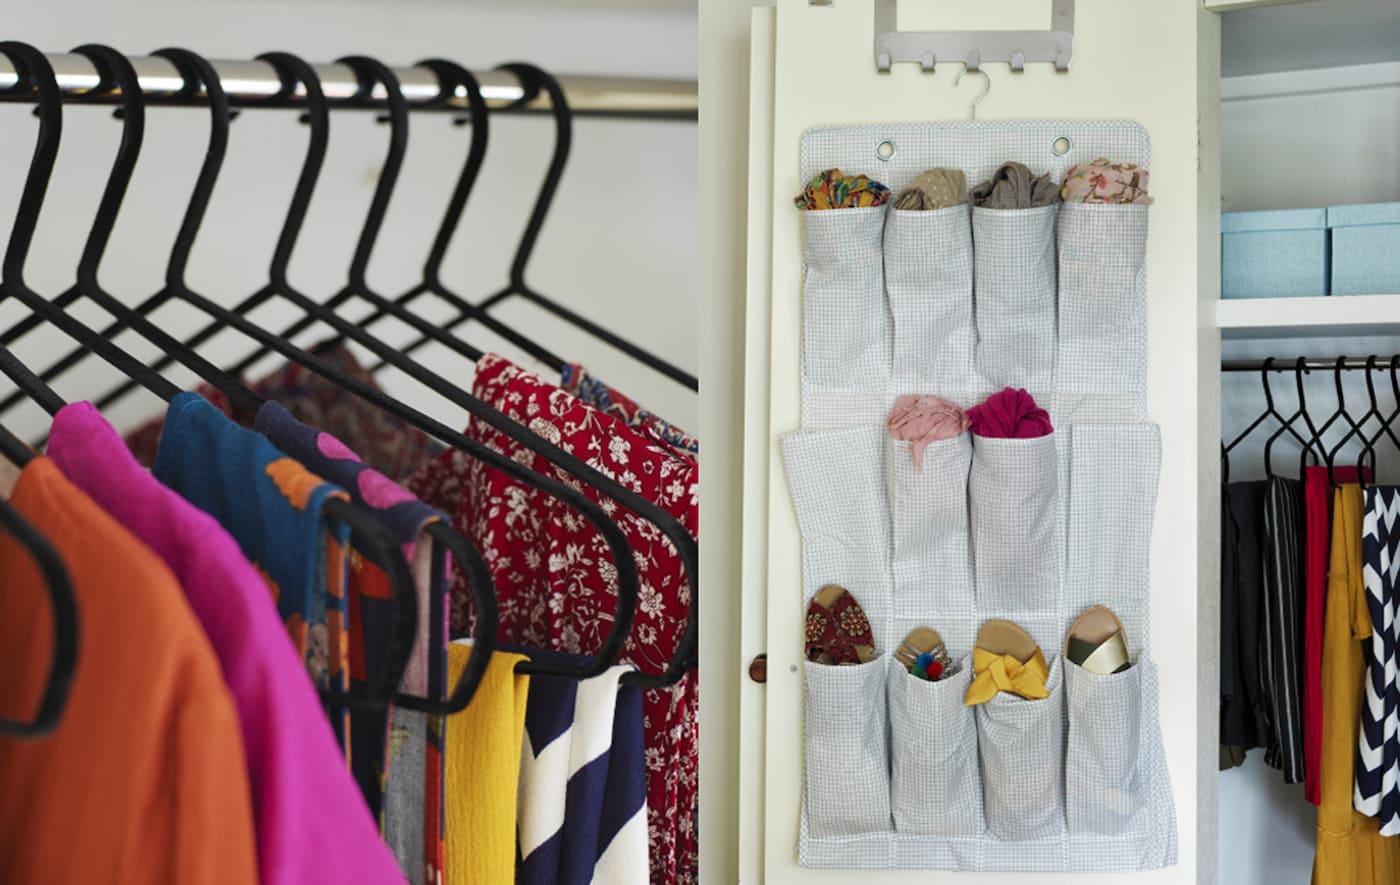 Crne vešalice u garderoberu s raznobojnom odećom i dodaci odloženi u visećem elementu za cipele s unutrašnje strane vrata garderobera.